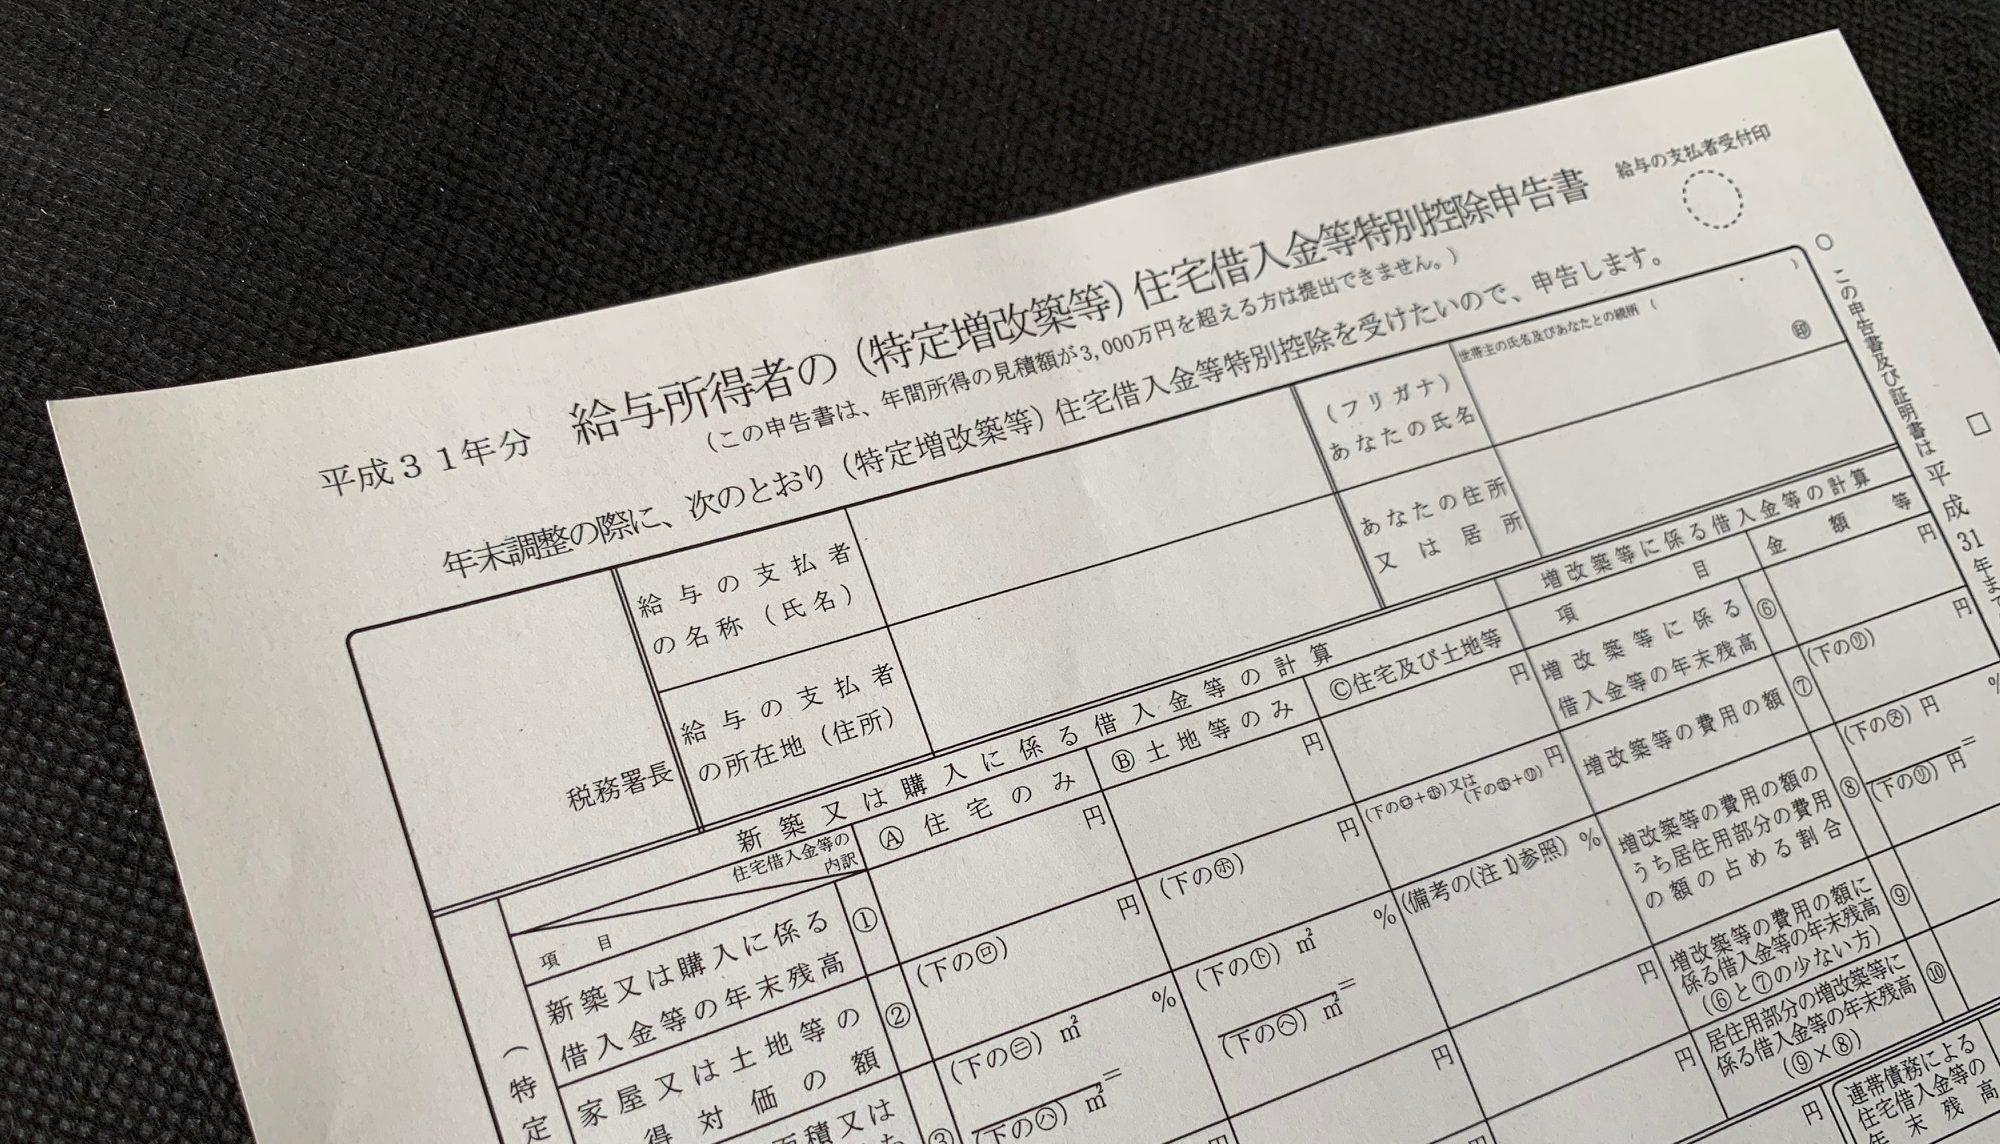 住宅 ローン 控除 必要 書類 国税庁